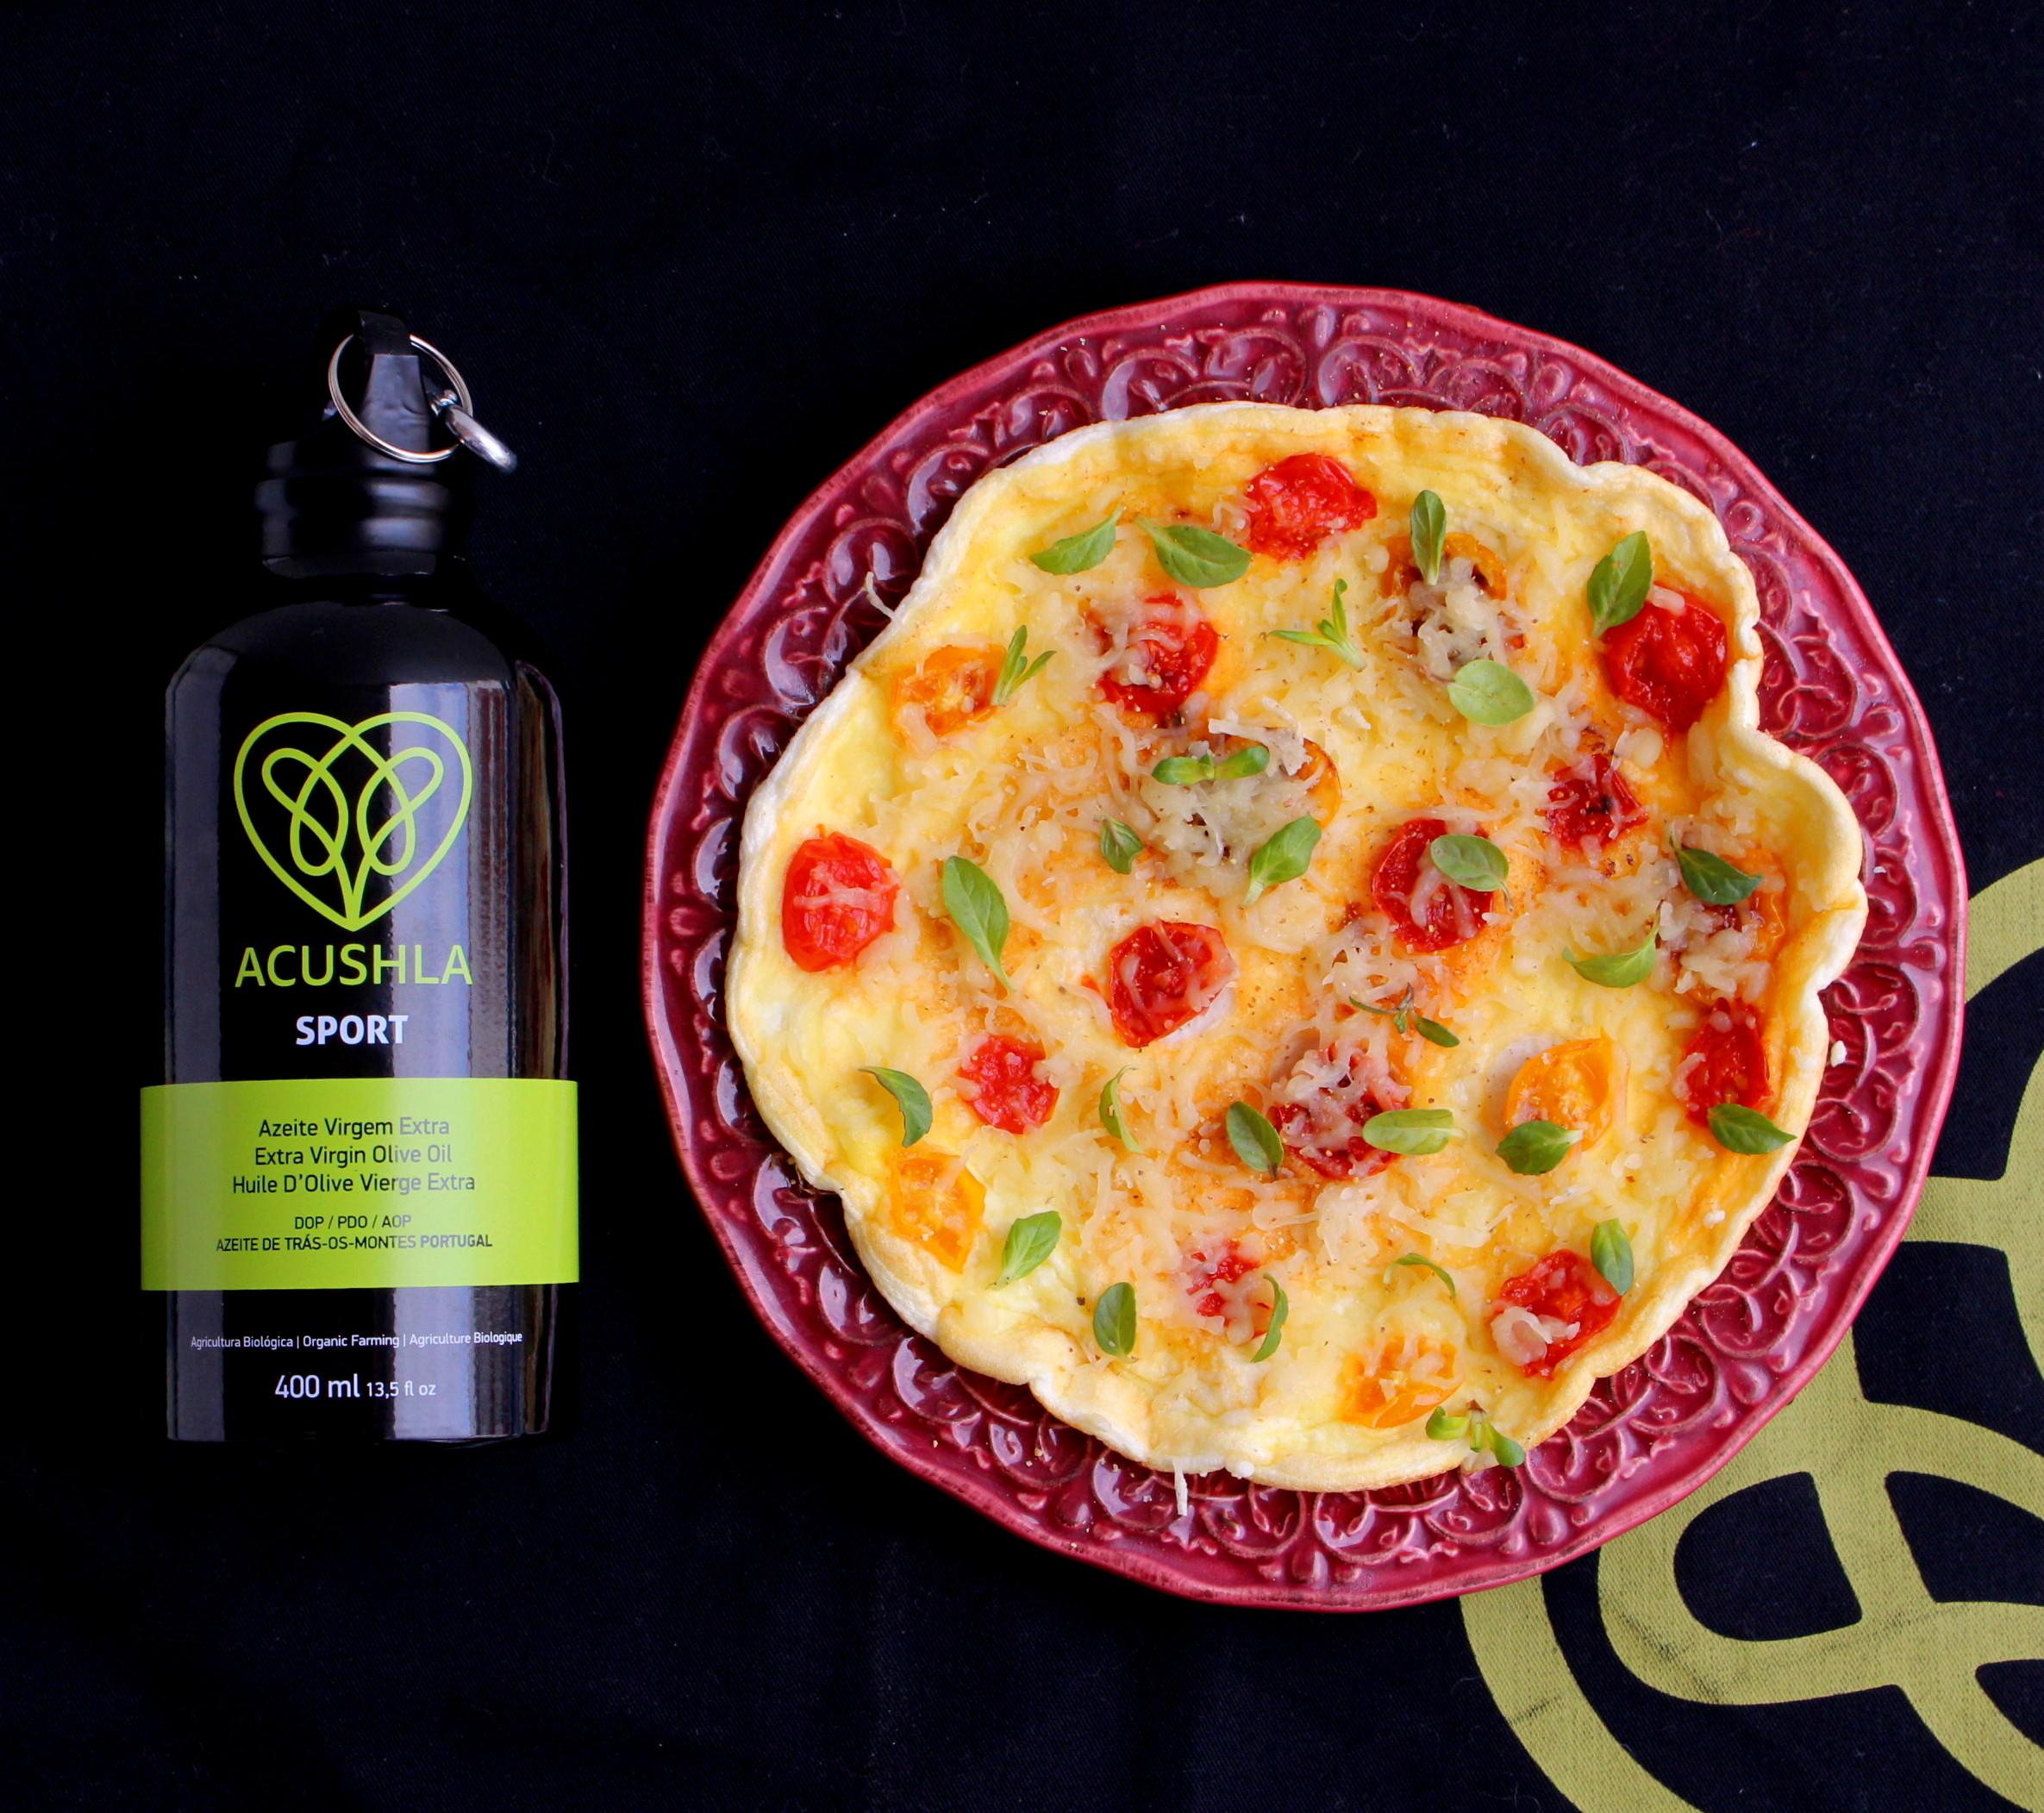 Uma omelete em que as gema do ovo não entra